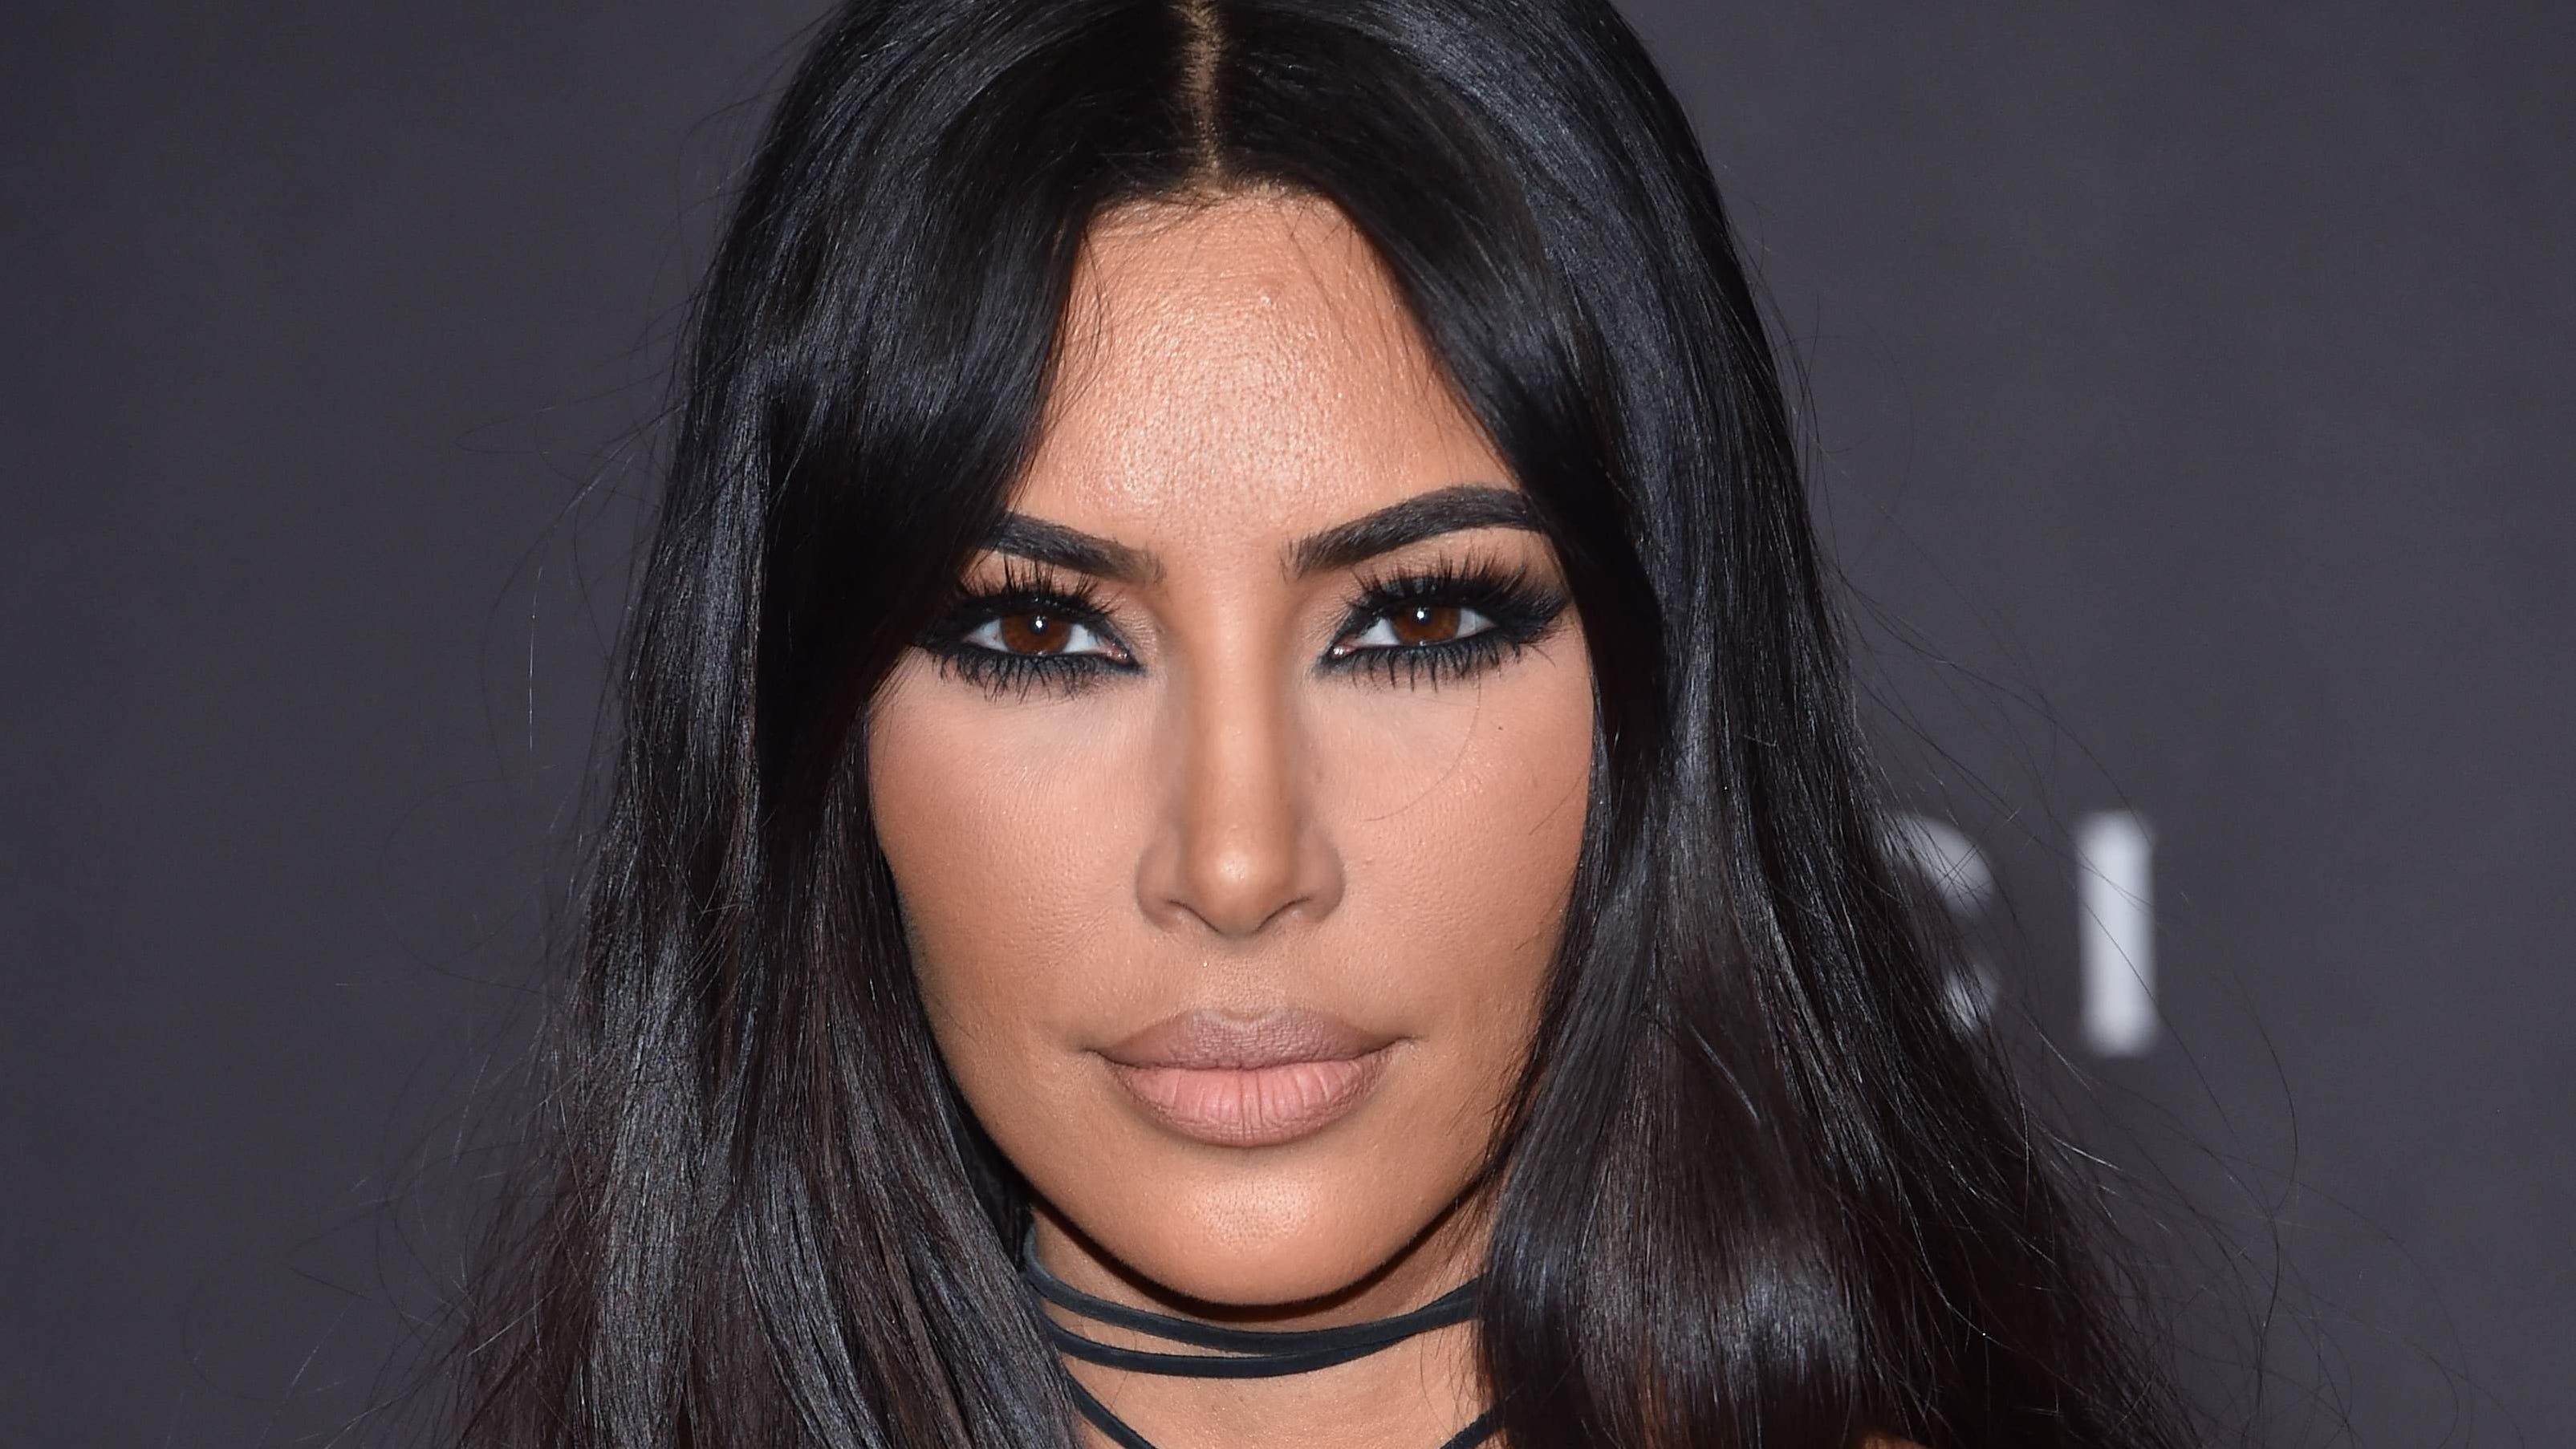 Kim Kardashian's first marriage revelation: 'I got married ... Kim Kardashian